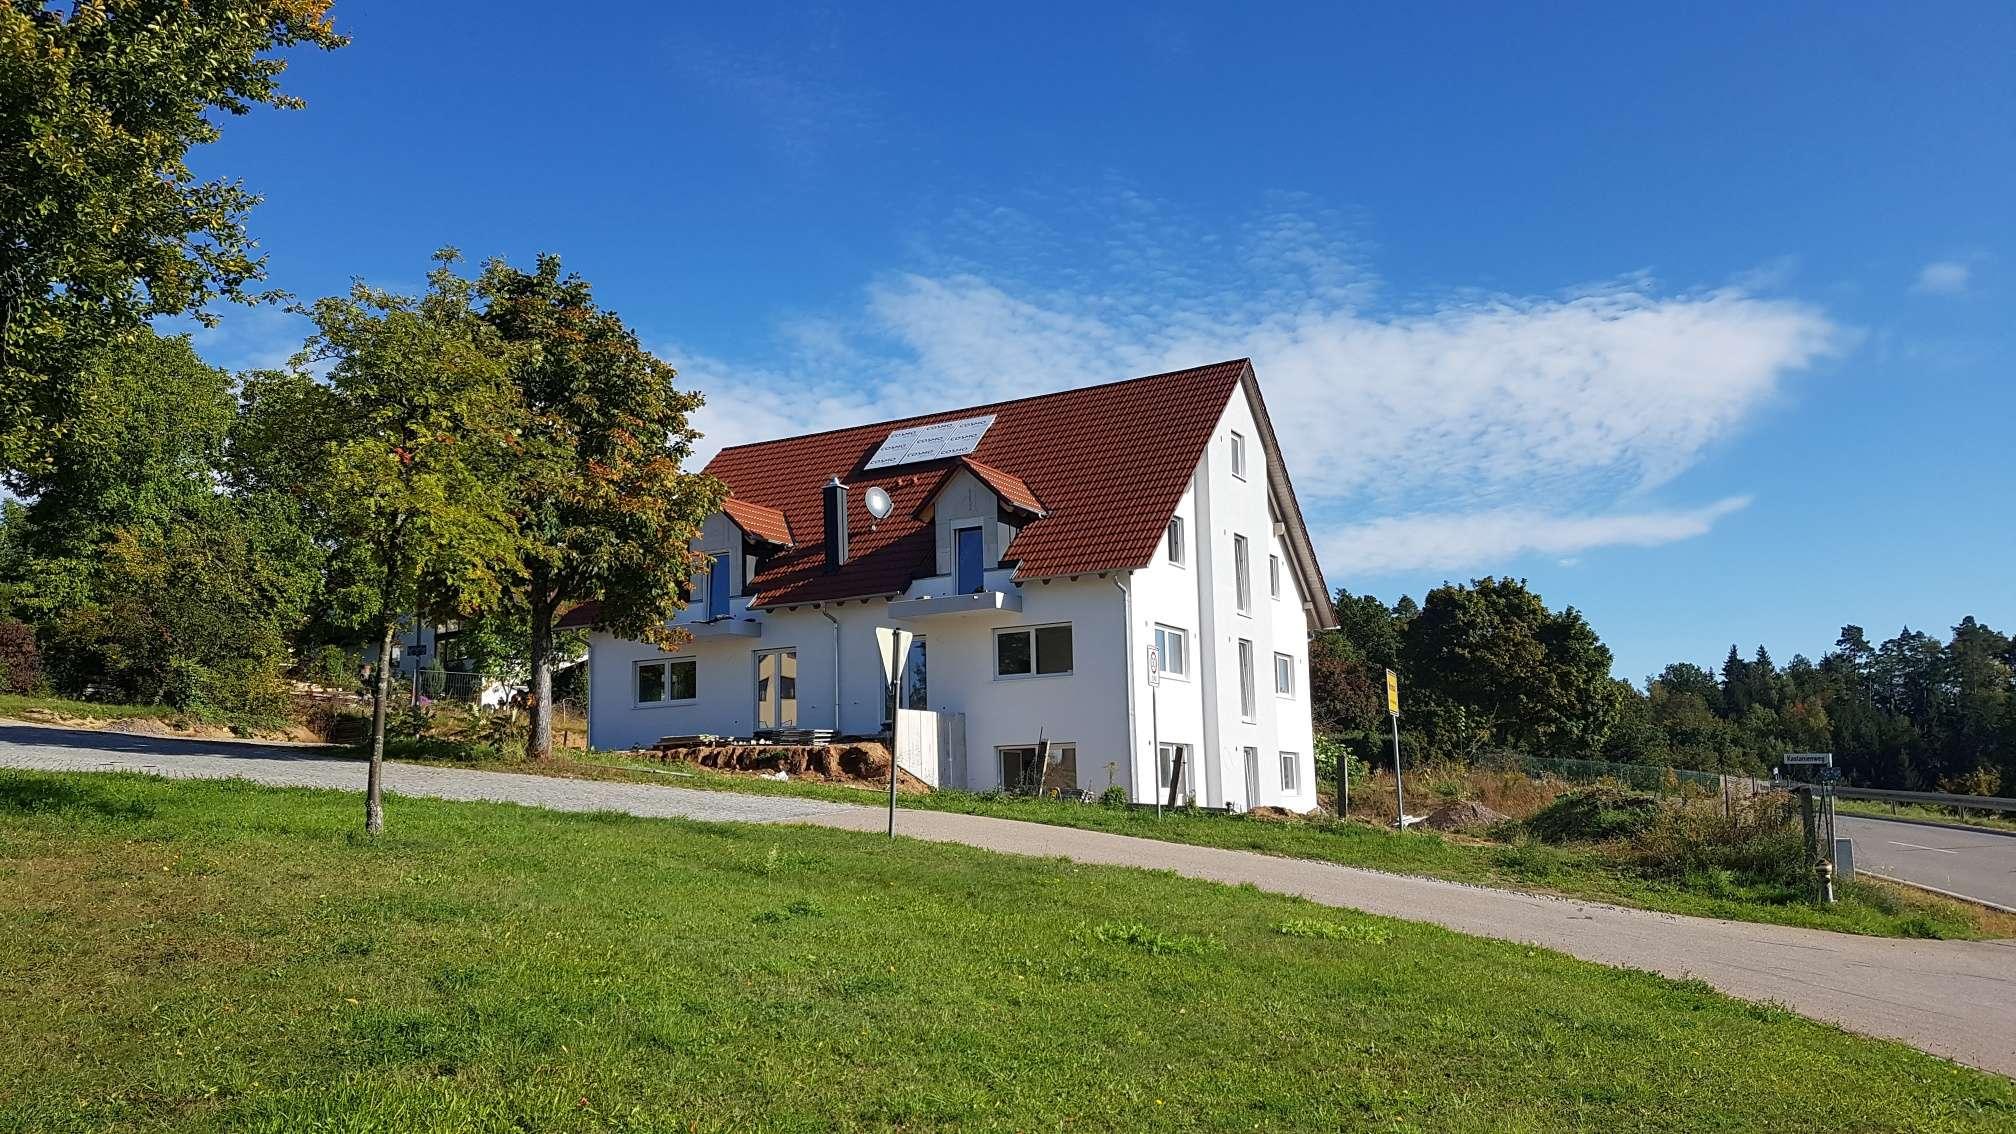 Erstbezug mit Balkon: freundliche 4-Zimmer-Maisonette-Wohnung in Wenzenbach in Wenzenbach